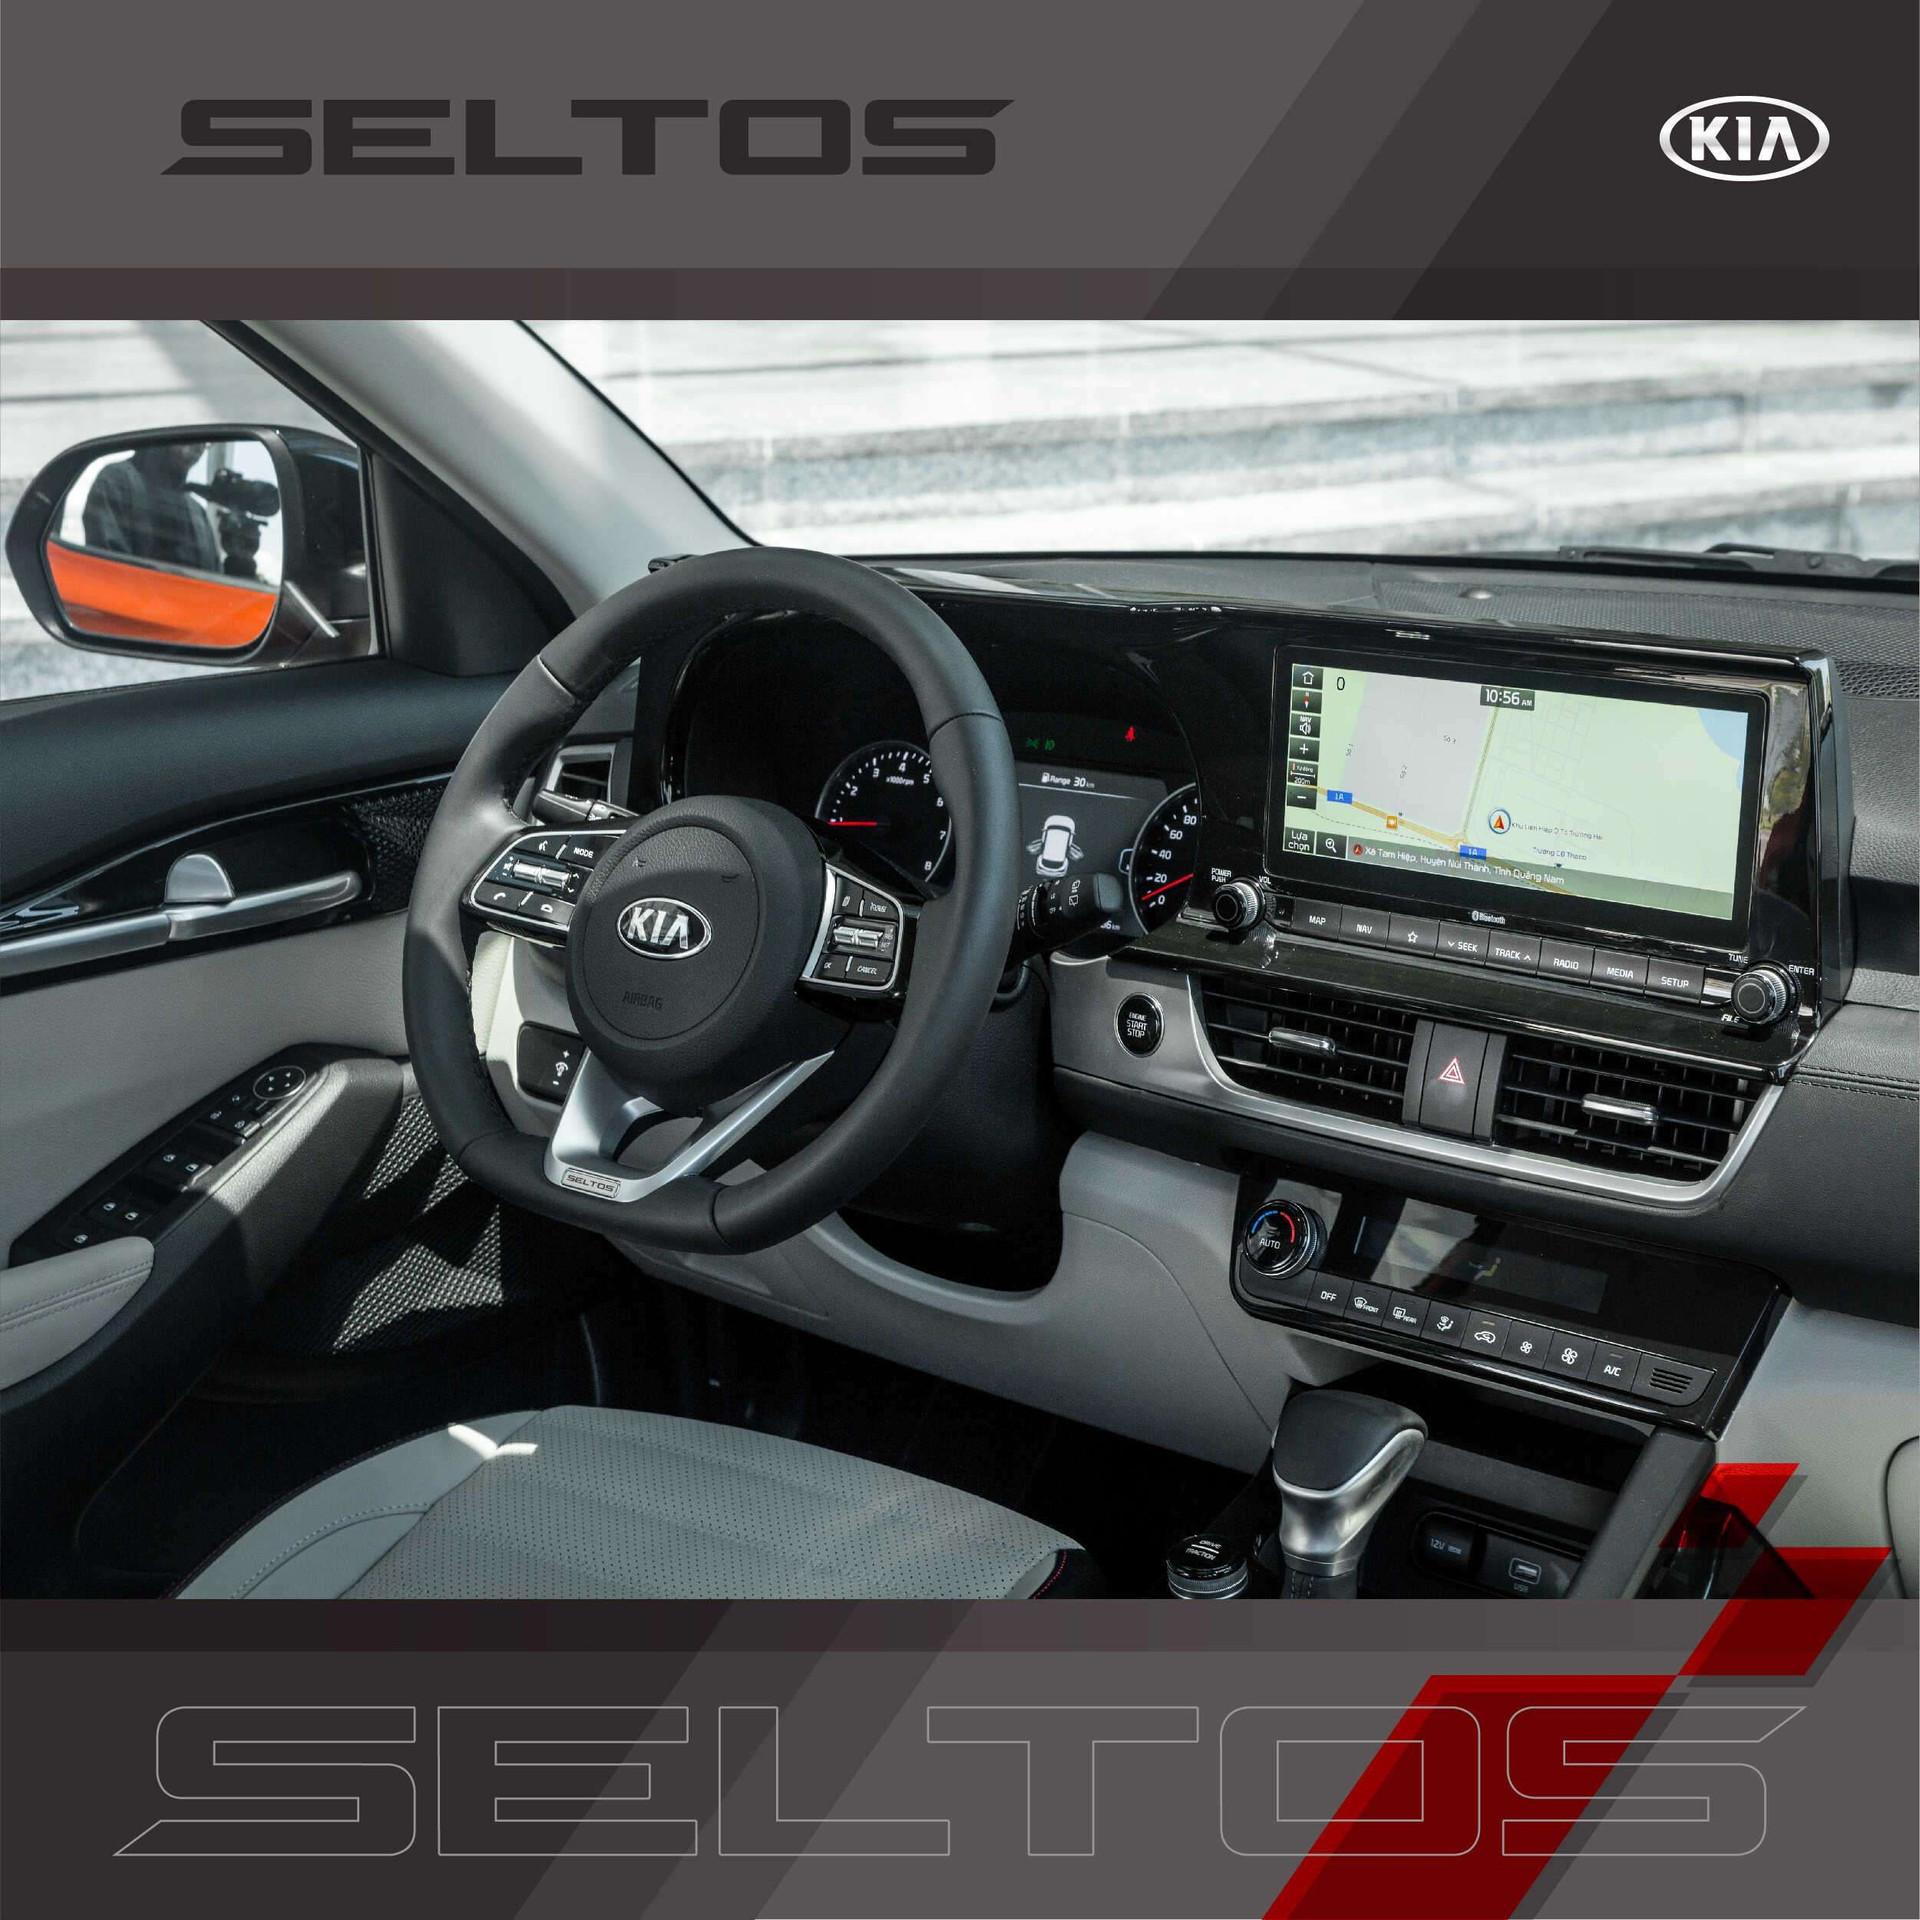 Hệ thống điều hoà chính là điểm mới của Kia Seltos 1.6 Premium